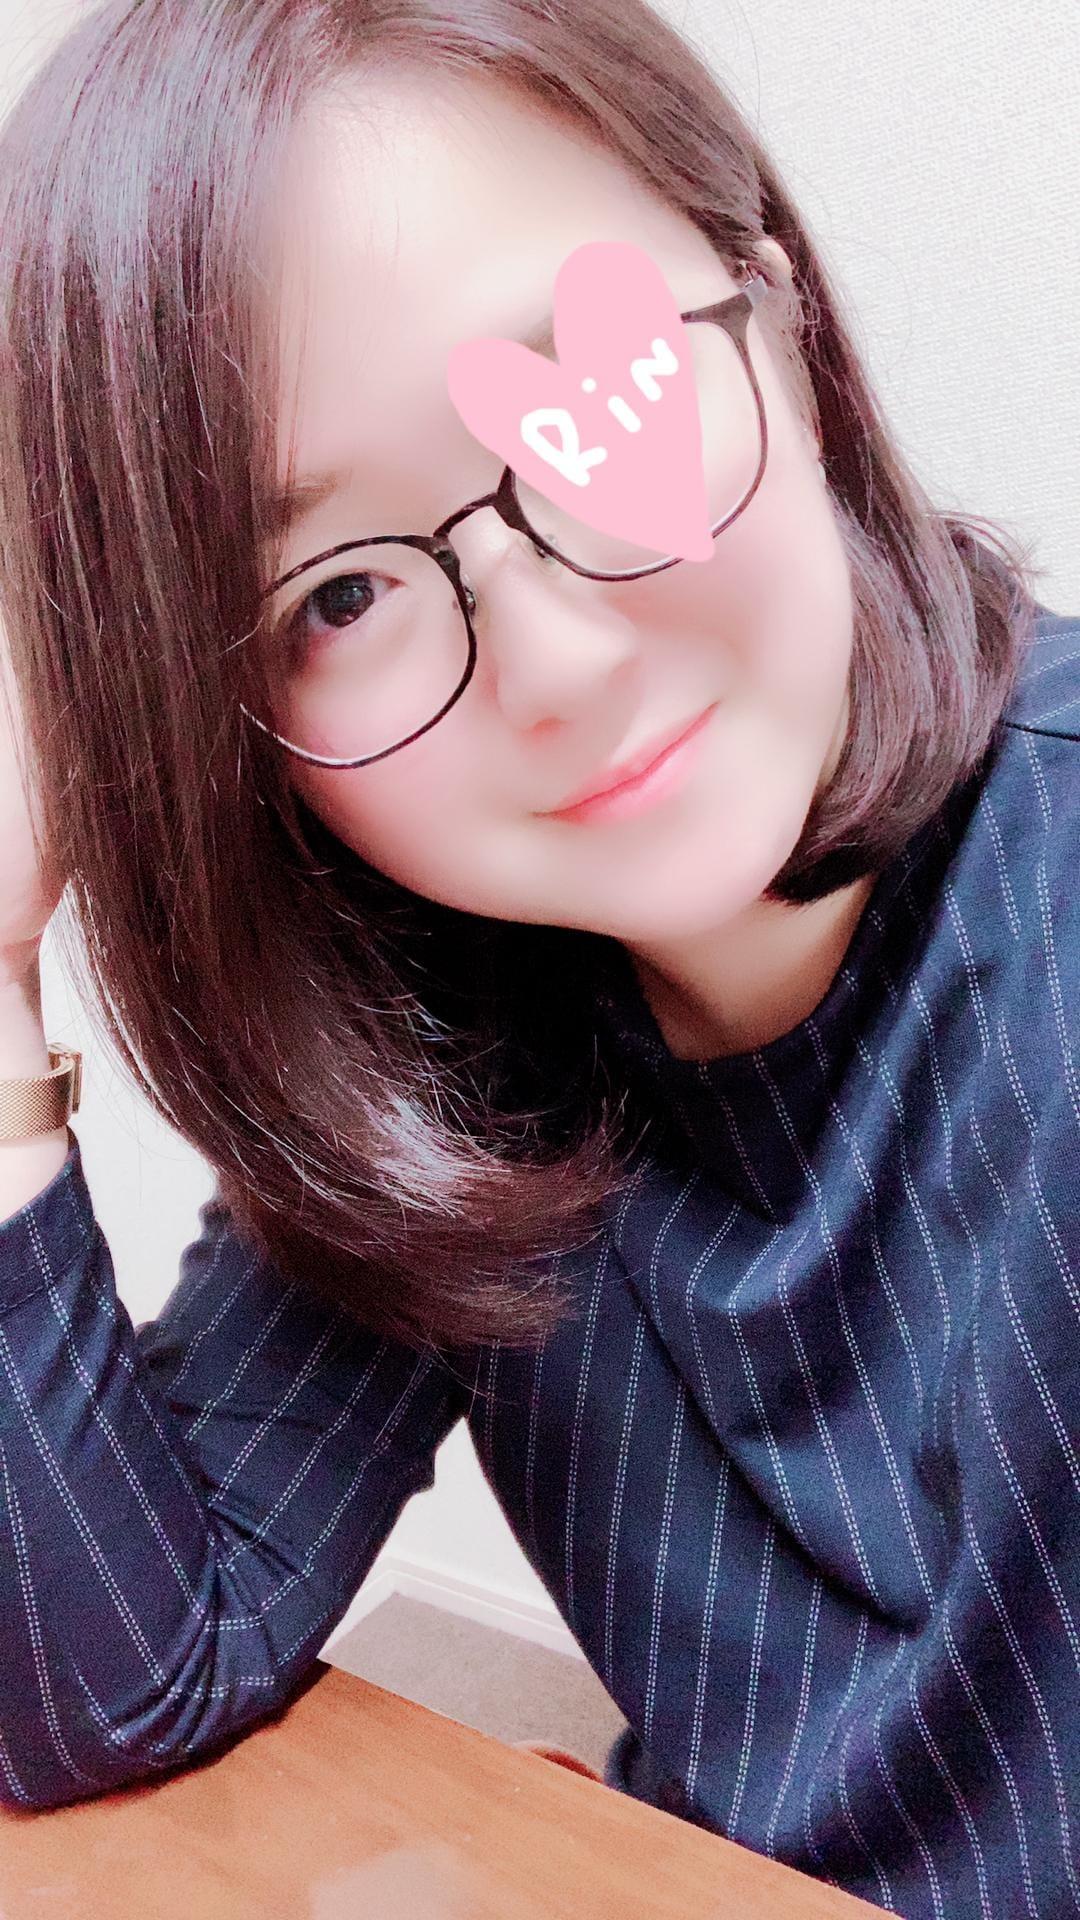 「出勤しまーす!」11/19(11/19) 13:05 | りんちゃんの写メ・風俗動画